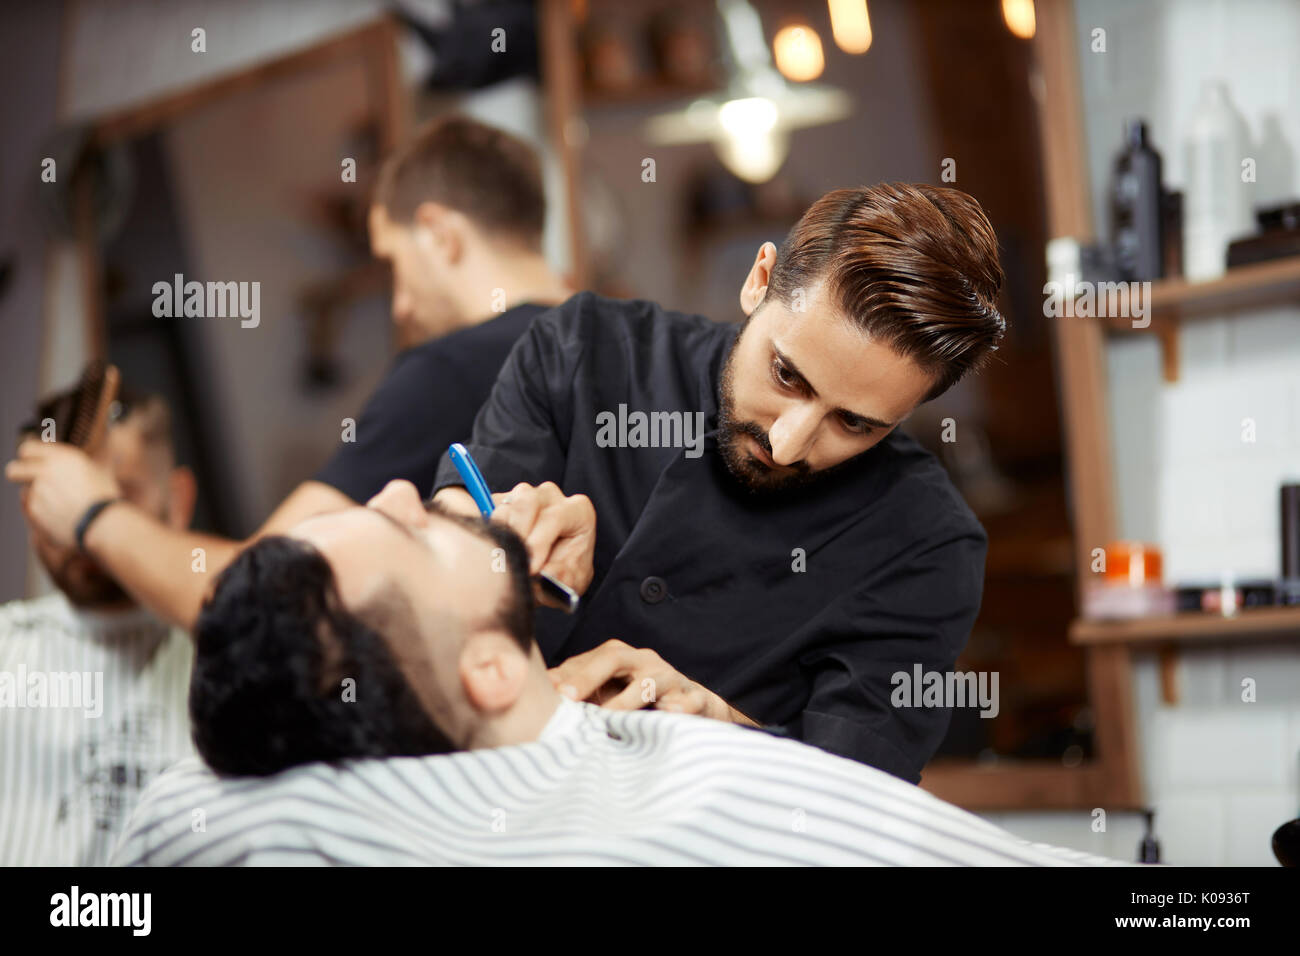 Jeune homme rasage coiffure concentré Photo Stock